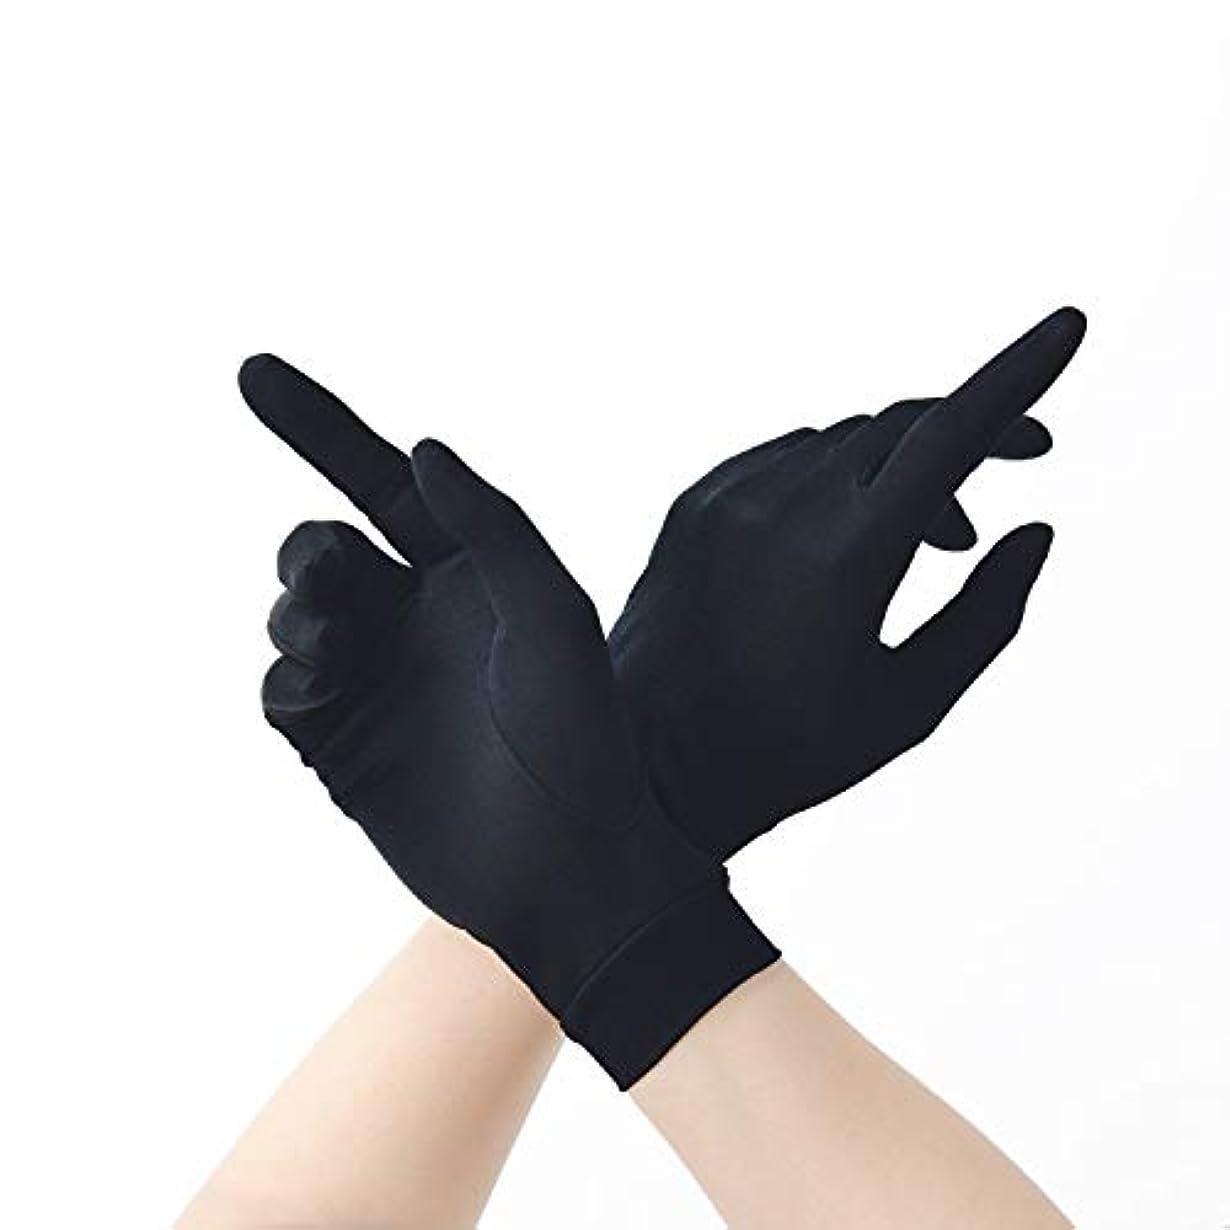 スクラブ追い付く人形保湿 夏 ハンド 手袋 シルク 紫外線 日焼け防止 手荒い おやすみ 手触りが良い ケア レディース